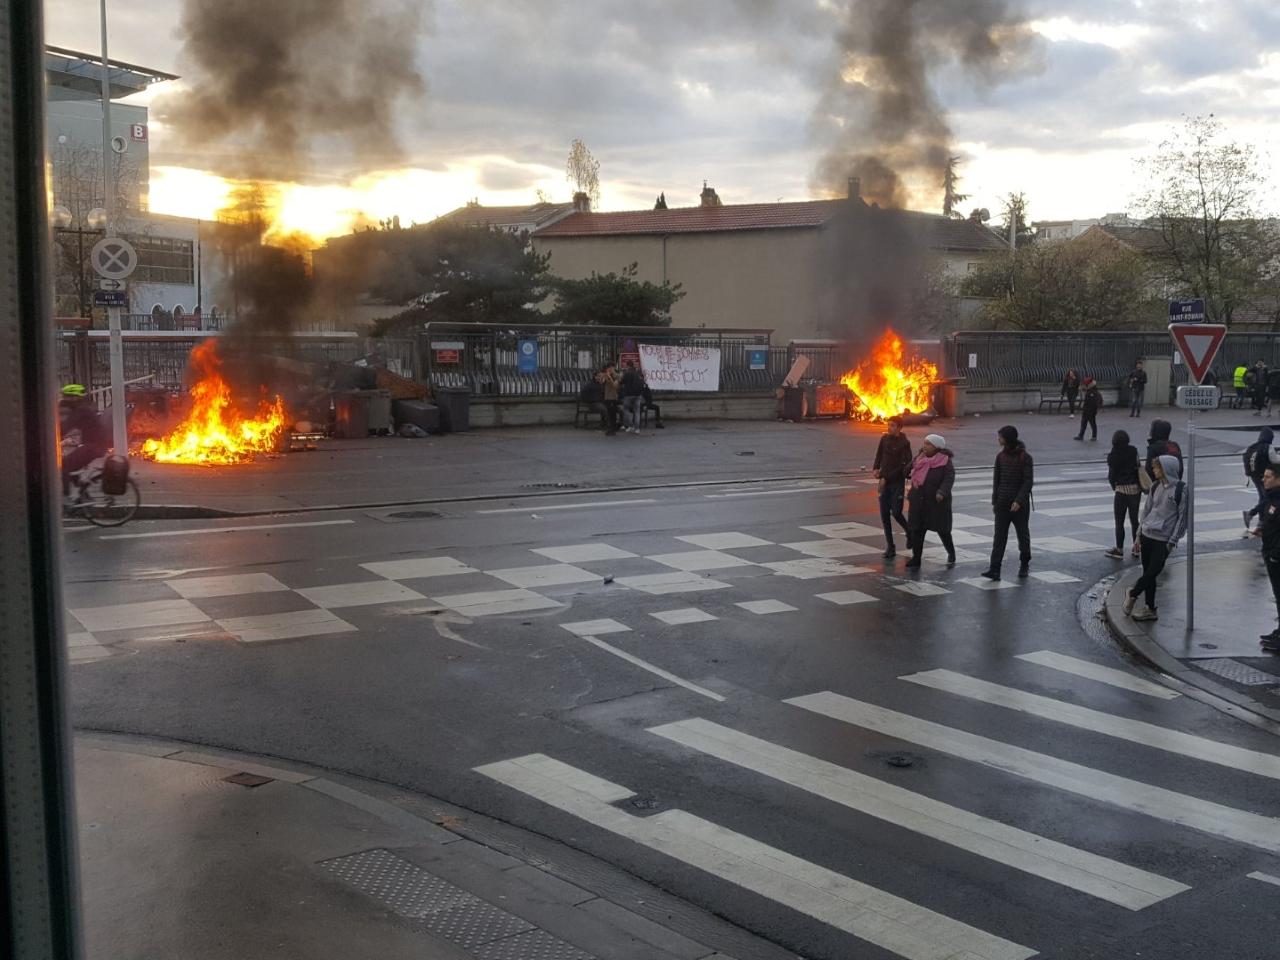 Des feux ont été allumés devant ce lycée lyonnais - DR Guillaume6869